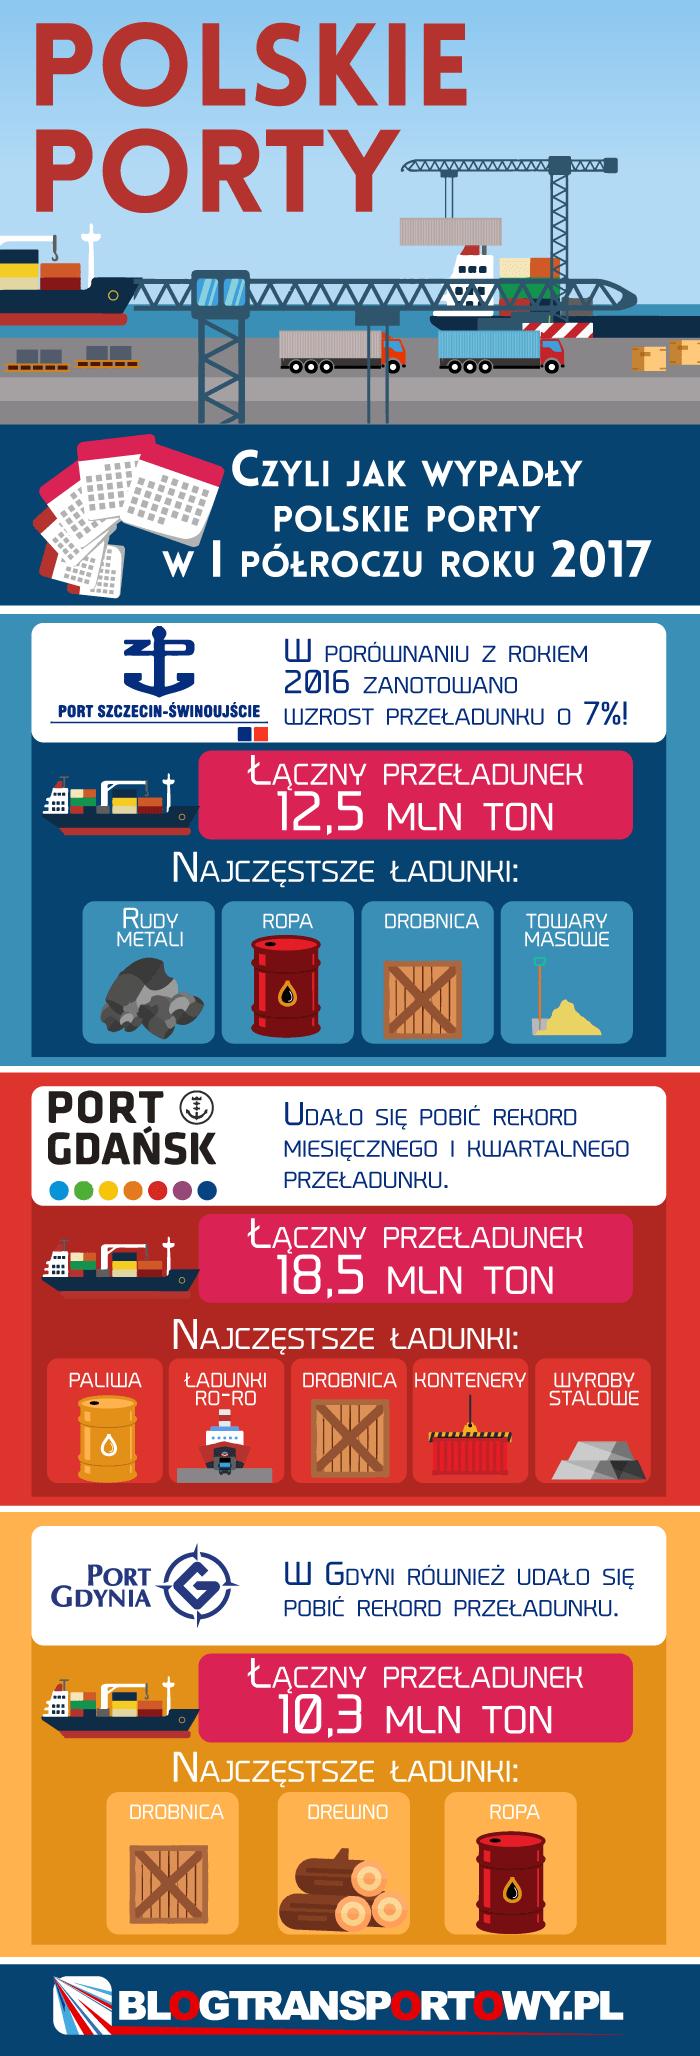 polskie porty w pierwszym półroczu